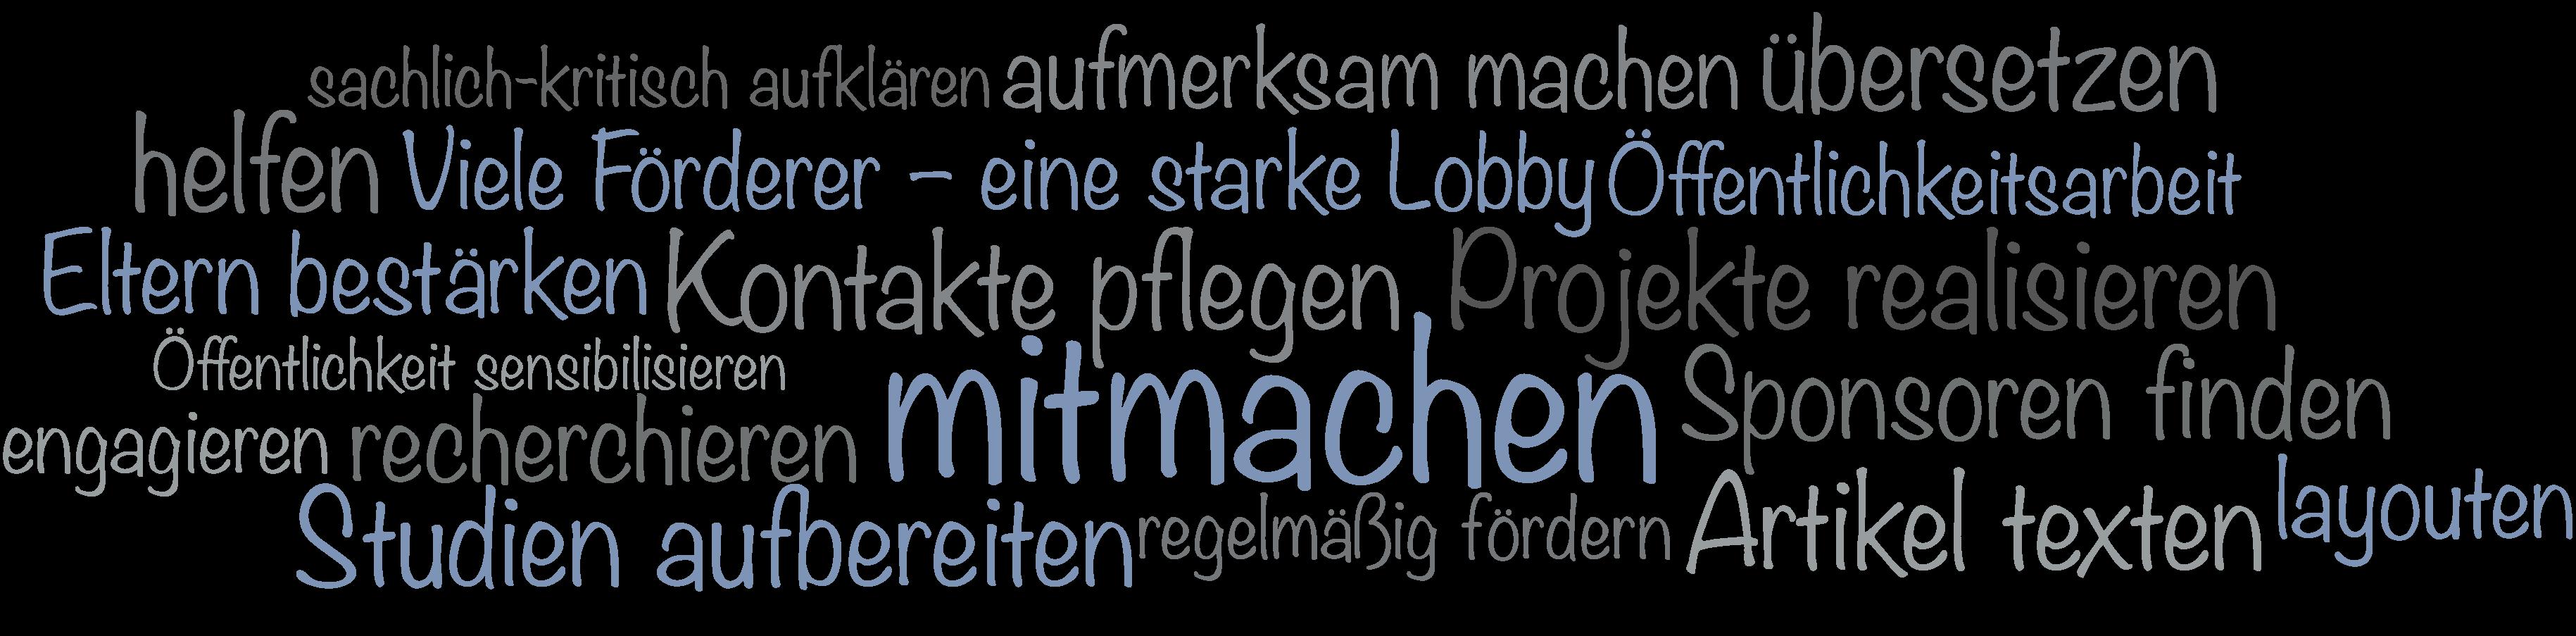 Mitmachen-Kopfbild©Stiftung Zu-Wendung für Kinder, Ronja Mößbauer